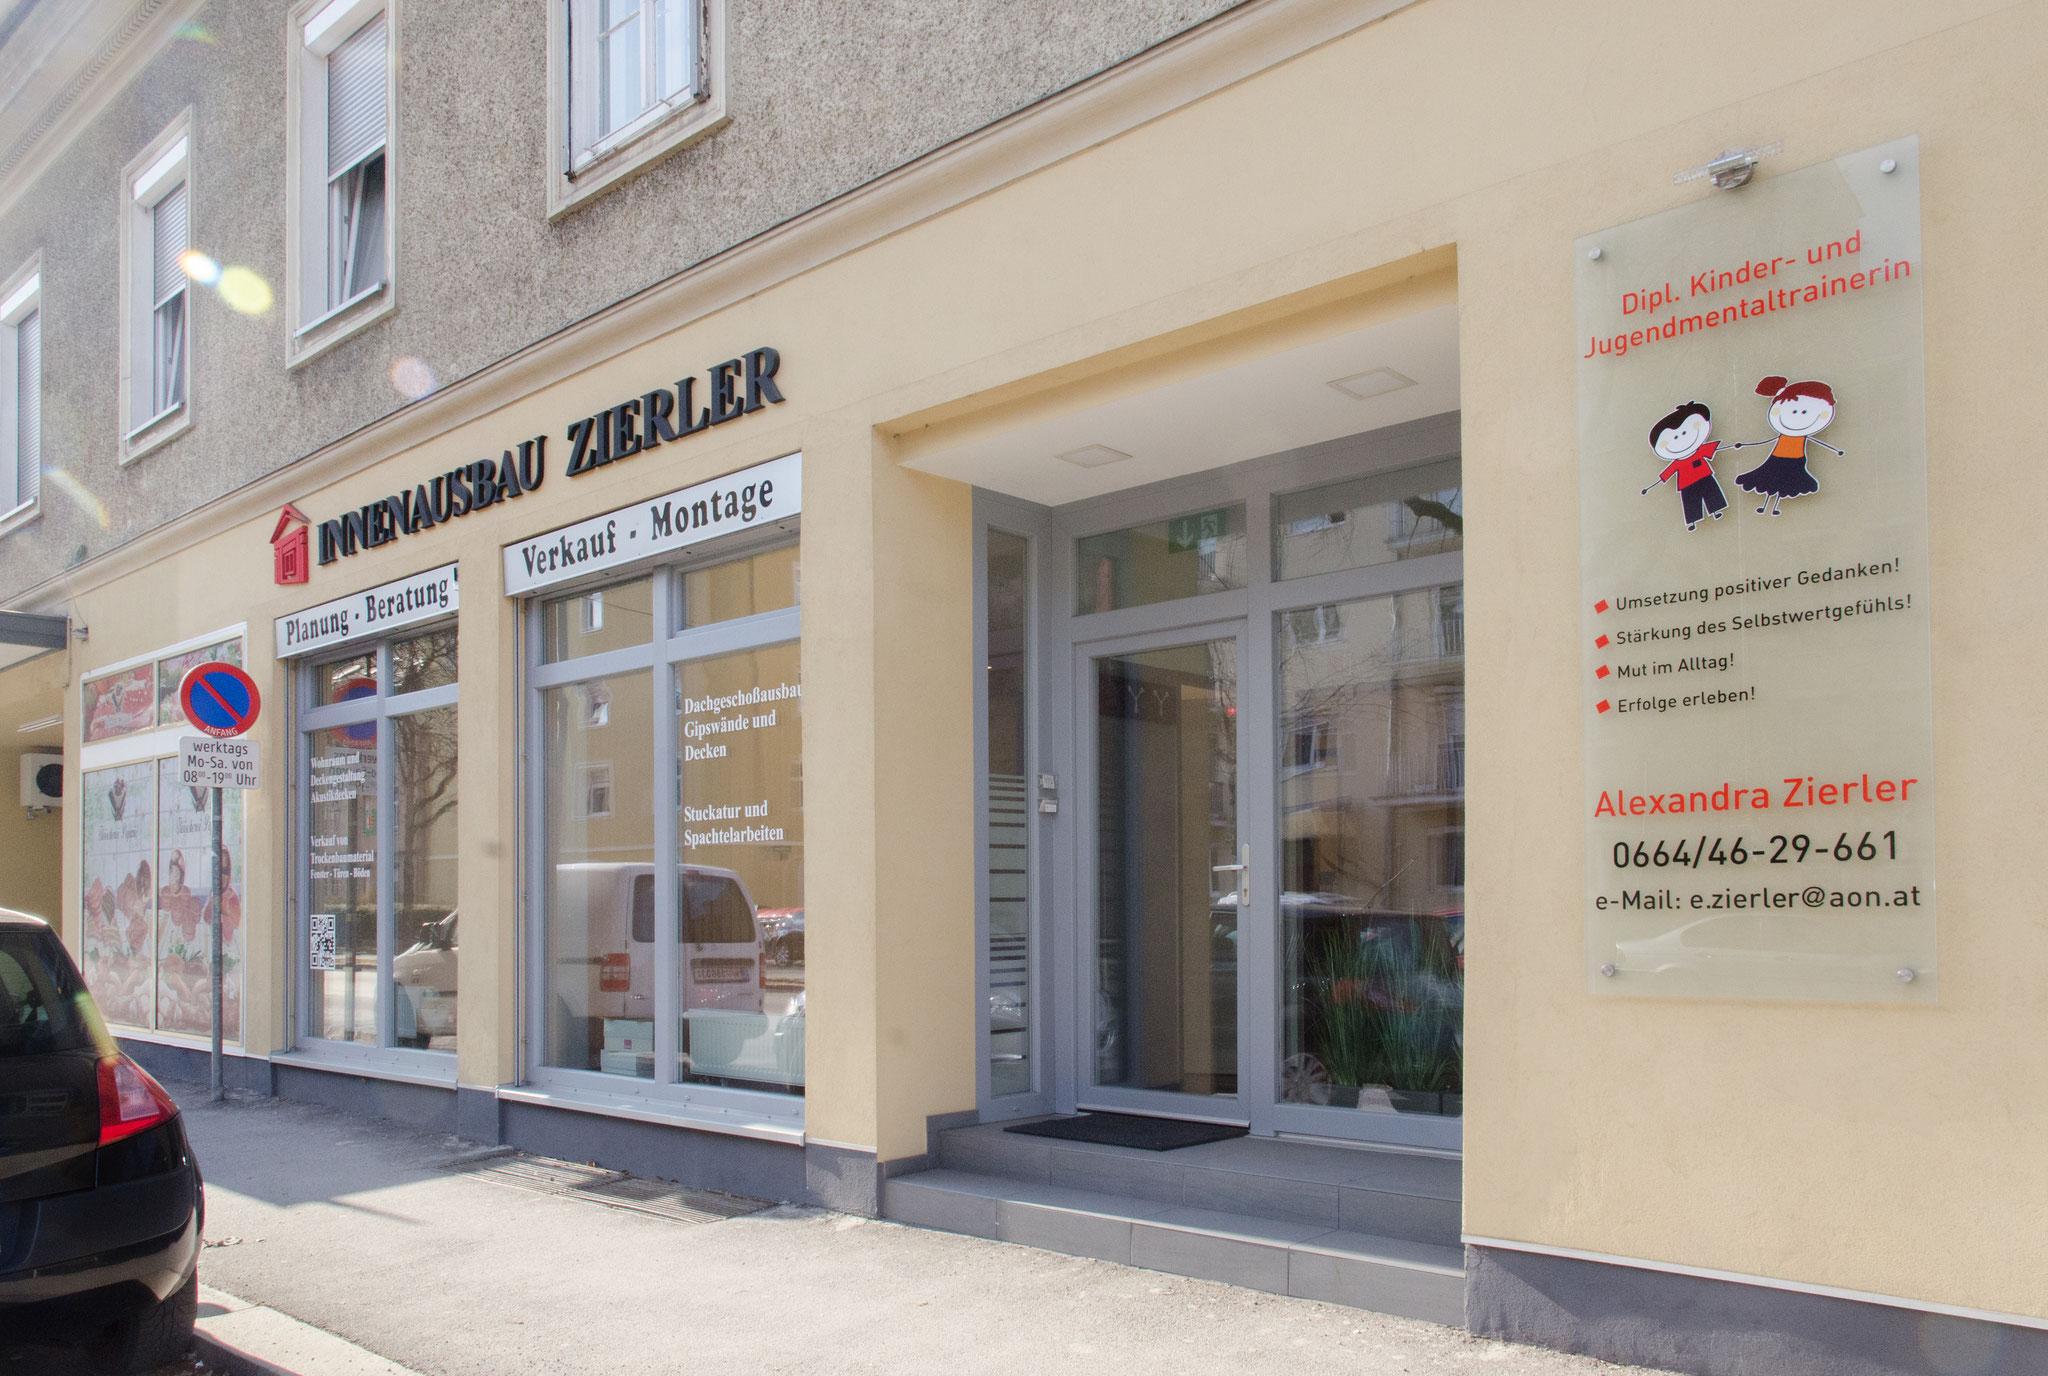 Innenausbau Zierler Büro und Beratung in Graz.